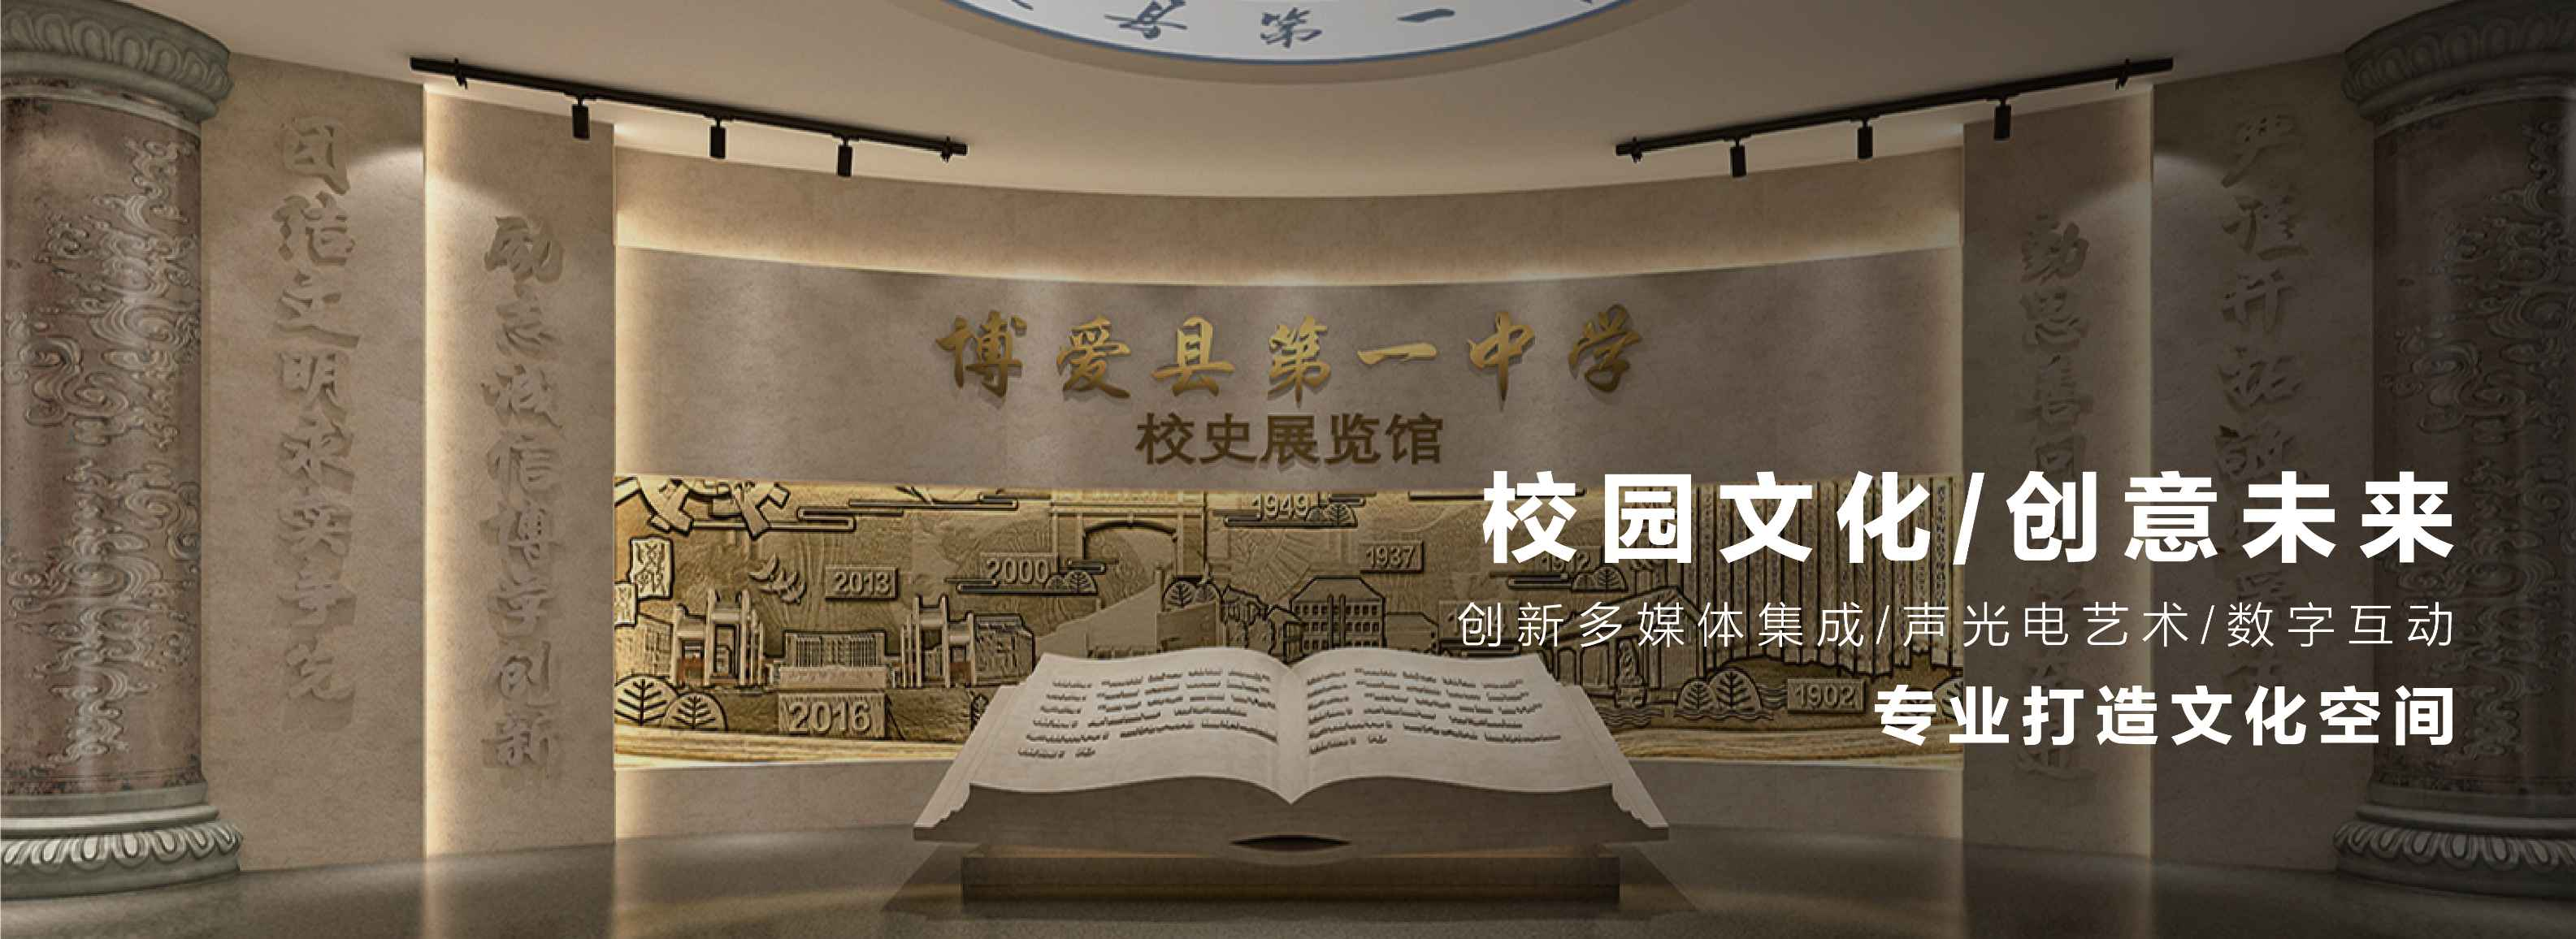 河南党建文化设计